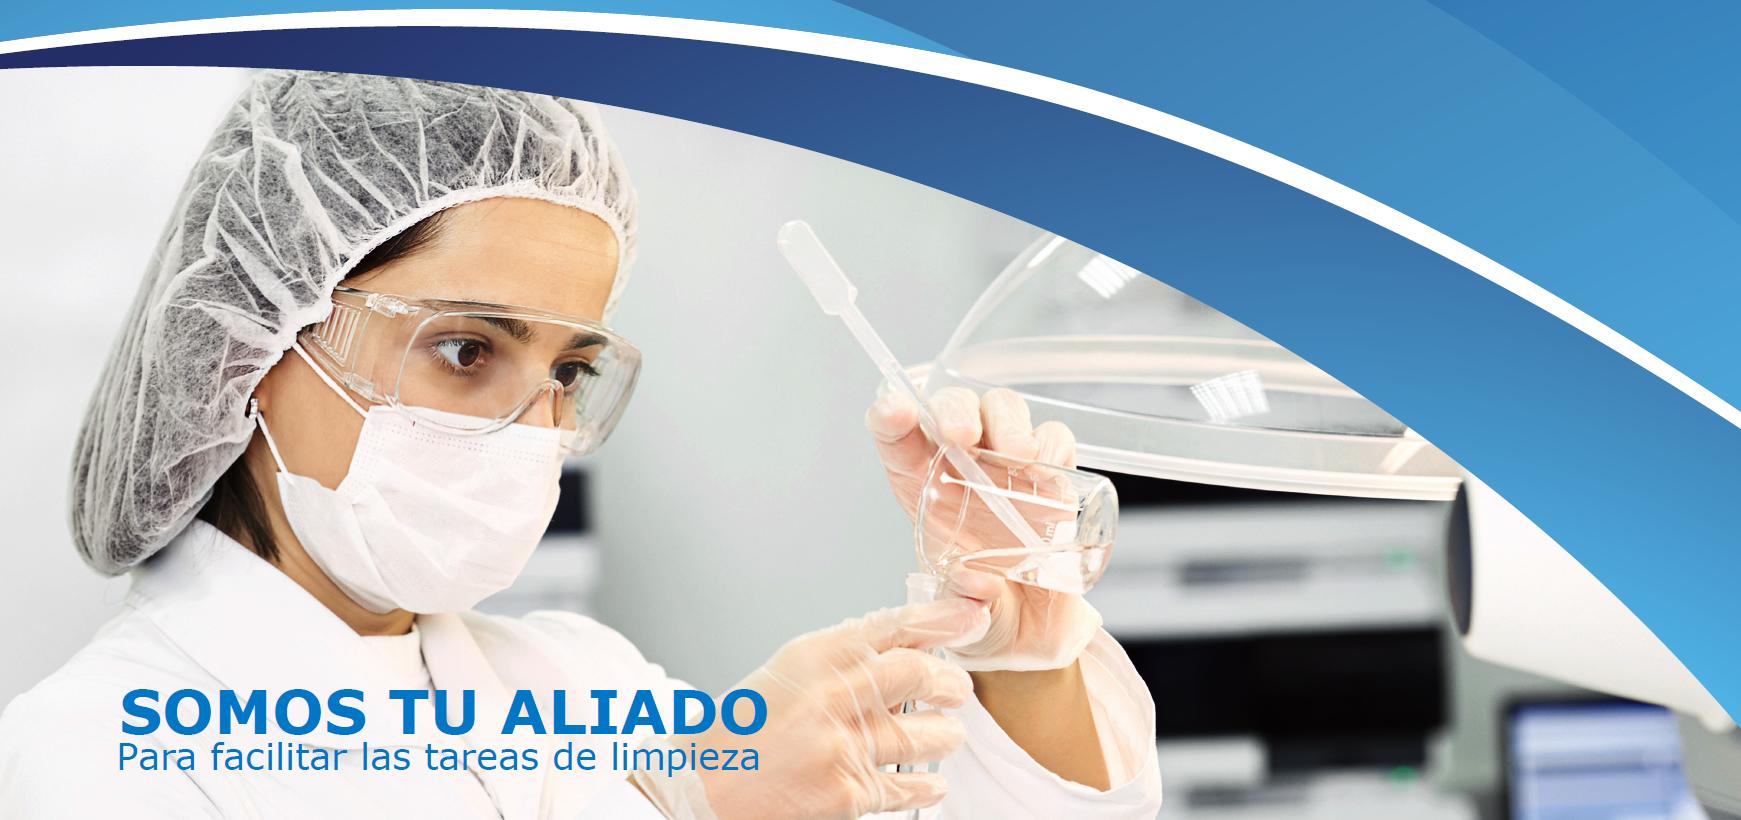 prolimp aliado en la limpieza Somos Fabricantes de Limpiadores Químicos